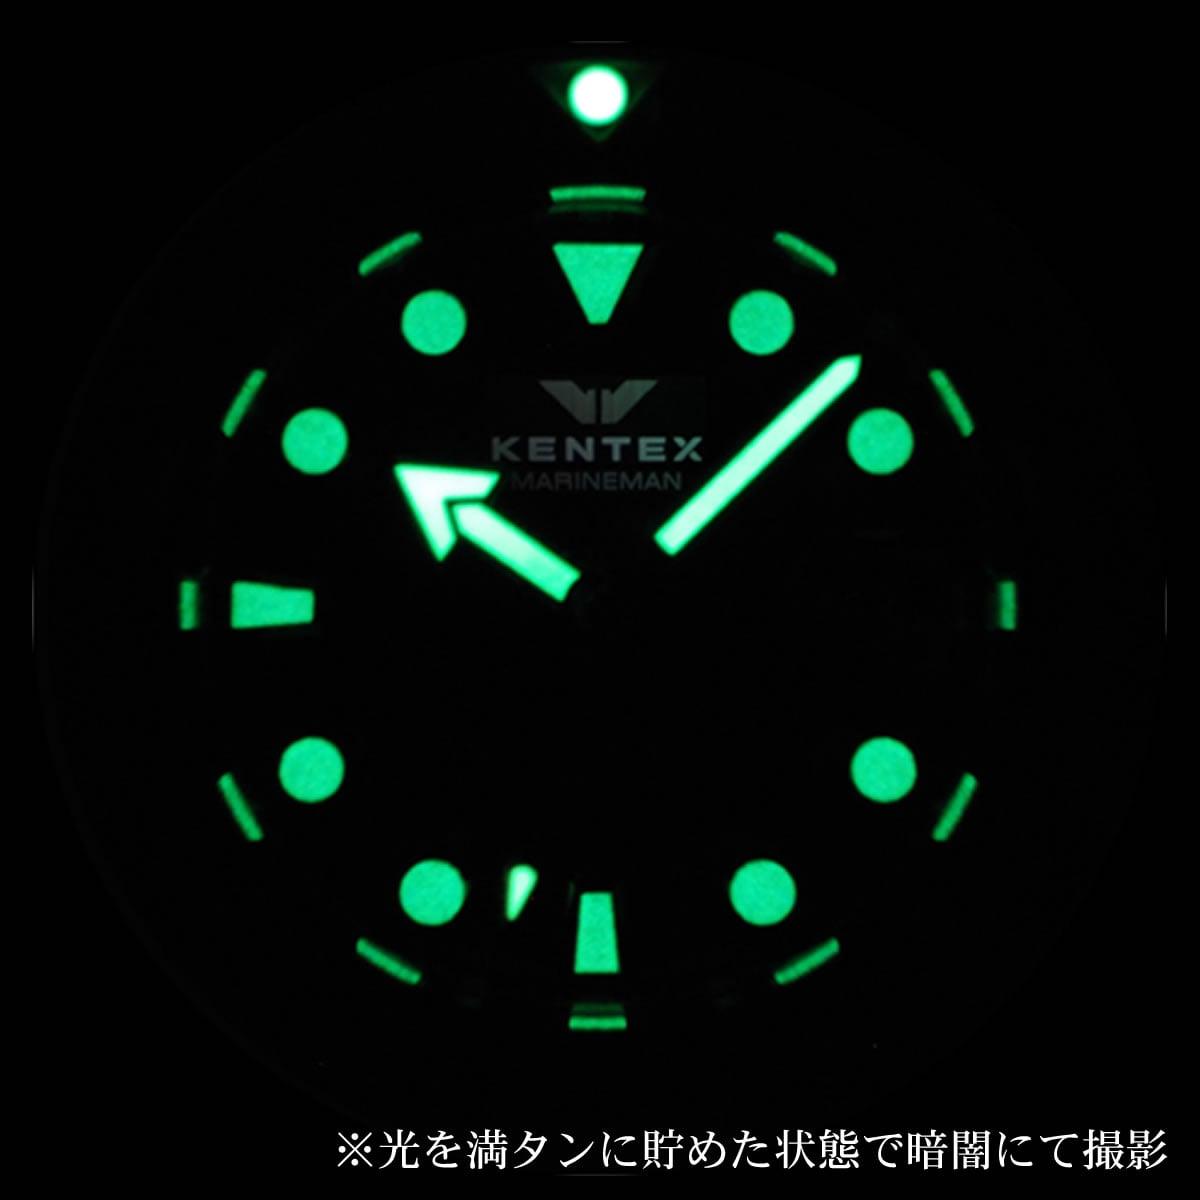 スーパールミナス夜光 s706m-14